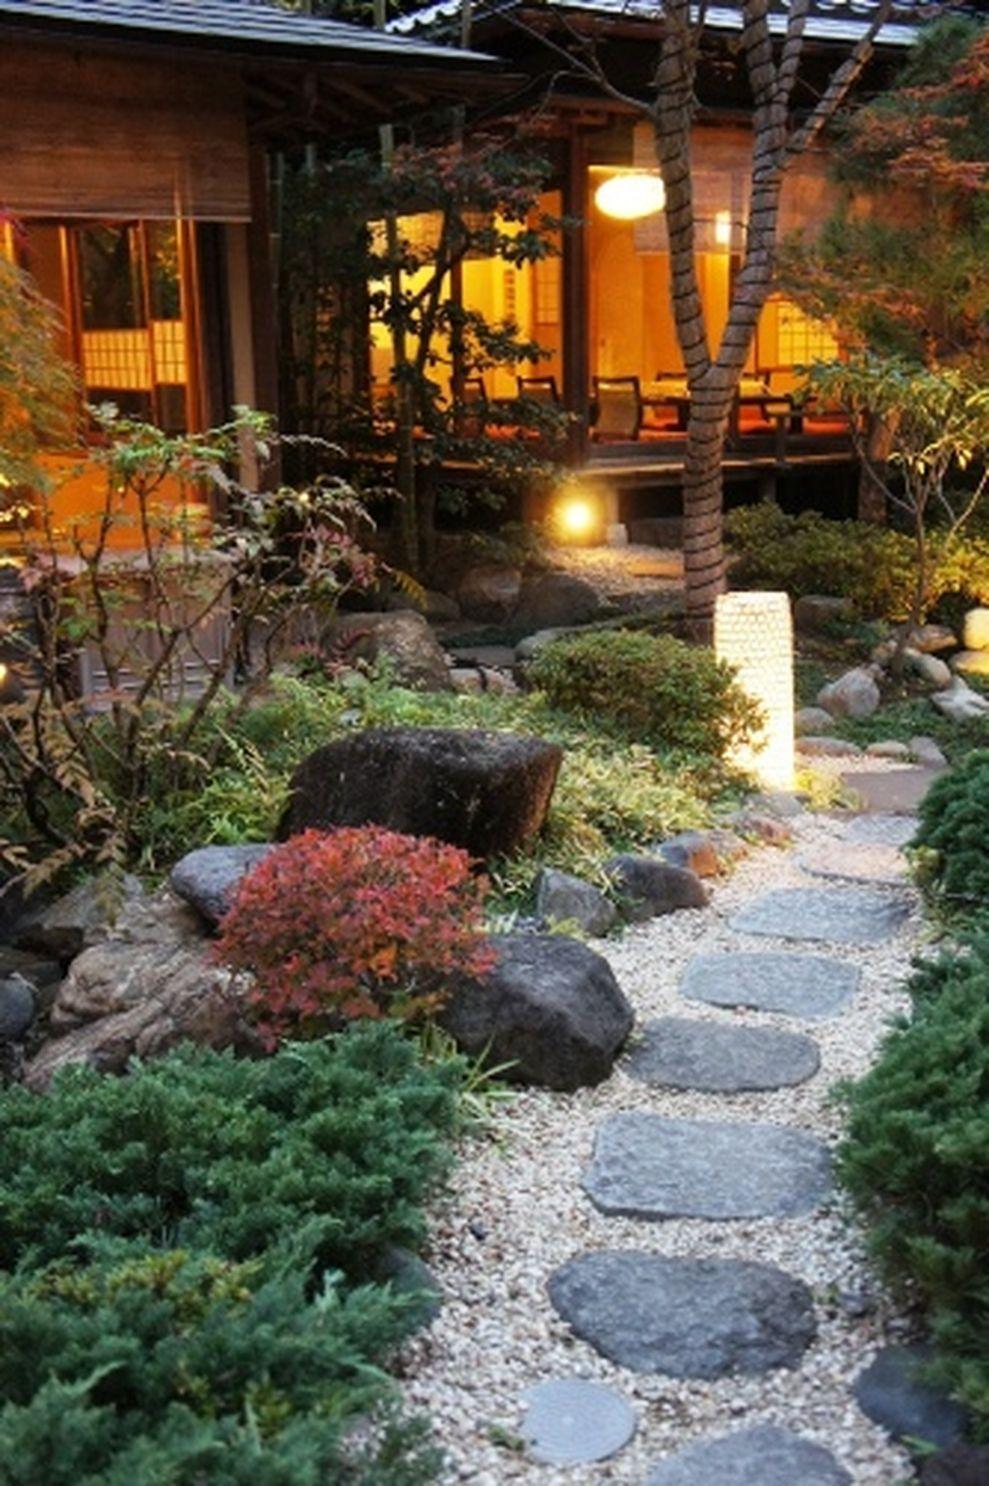 Inspiring Small Japanese Garden Design Ideas 18 Japanesegarden Courtyard Gardens Design Small Japanese Garden Japanese Garden Diy backyard japanese garden